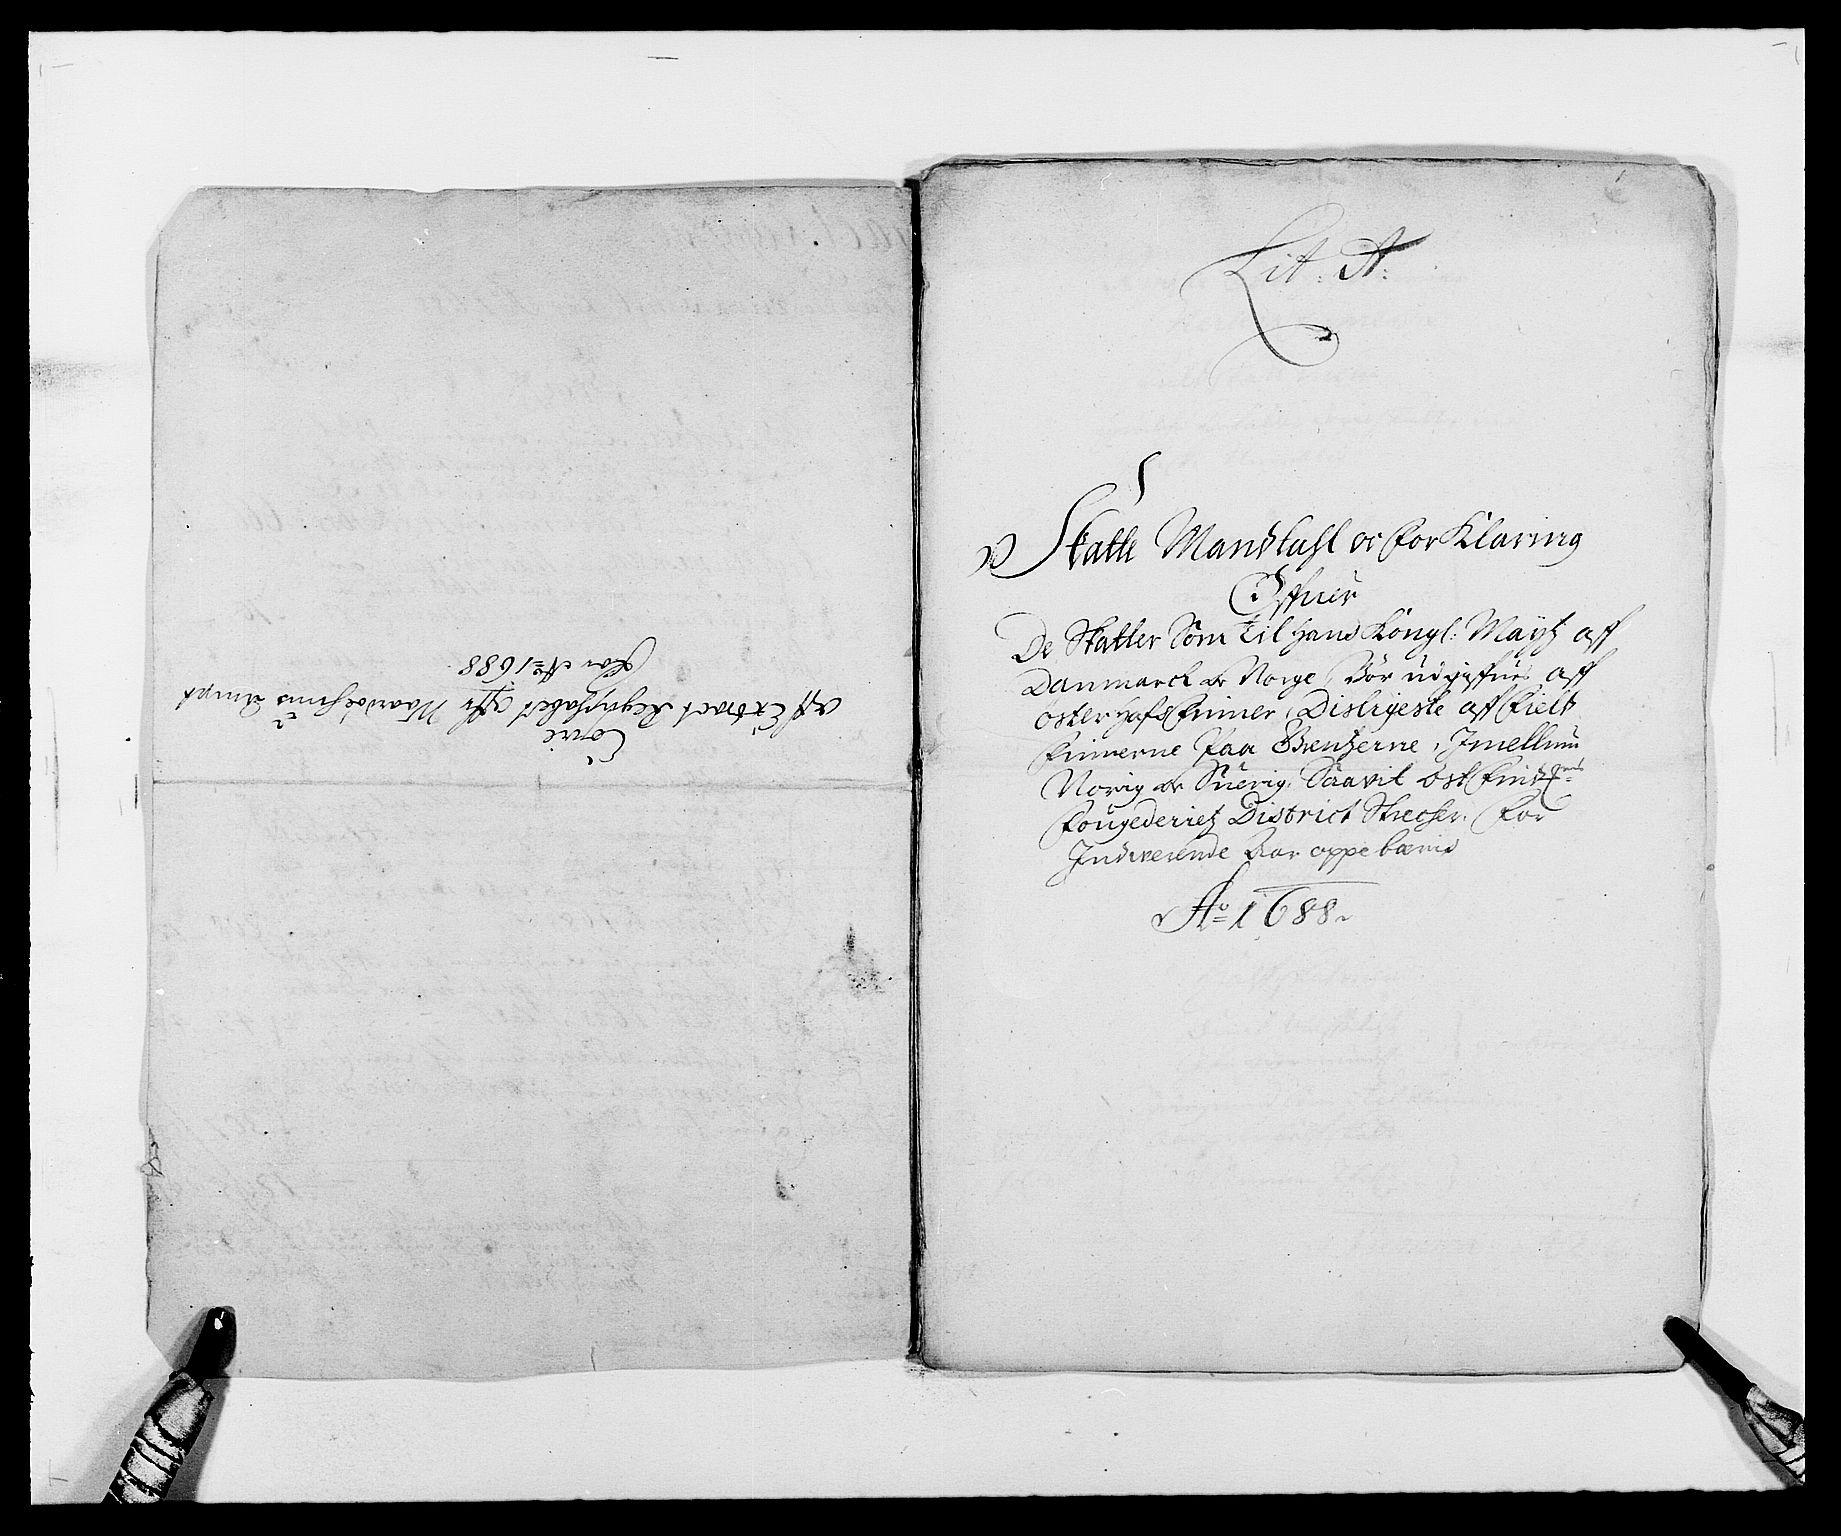 RA, Rentekammeret inntil 1814, Reviderte regnskaper, Fogderegnskap, R69/L4850: Fogderegnskap Finnmark/Vardøhus, 1680-1690, s. 75